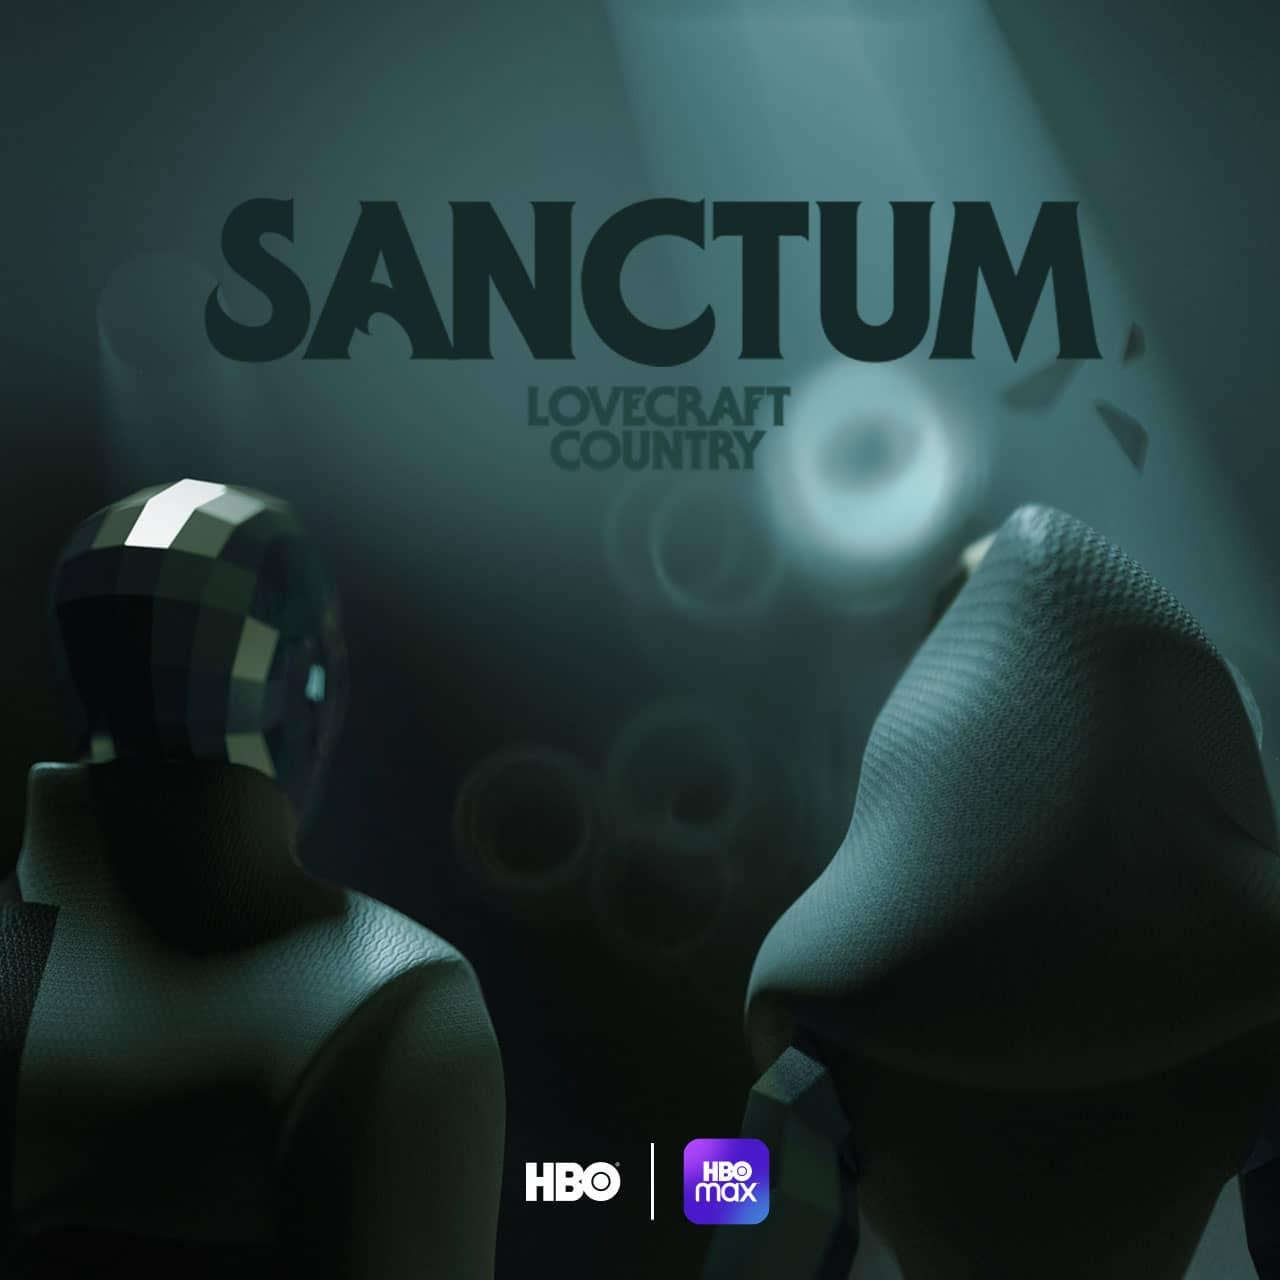 Sanctum hero 1x1 1